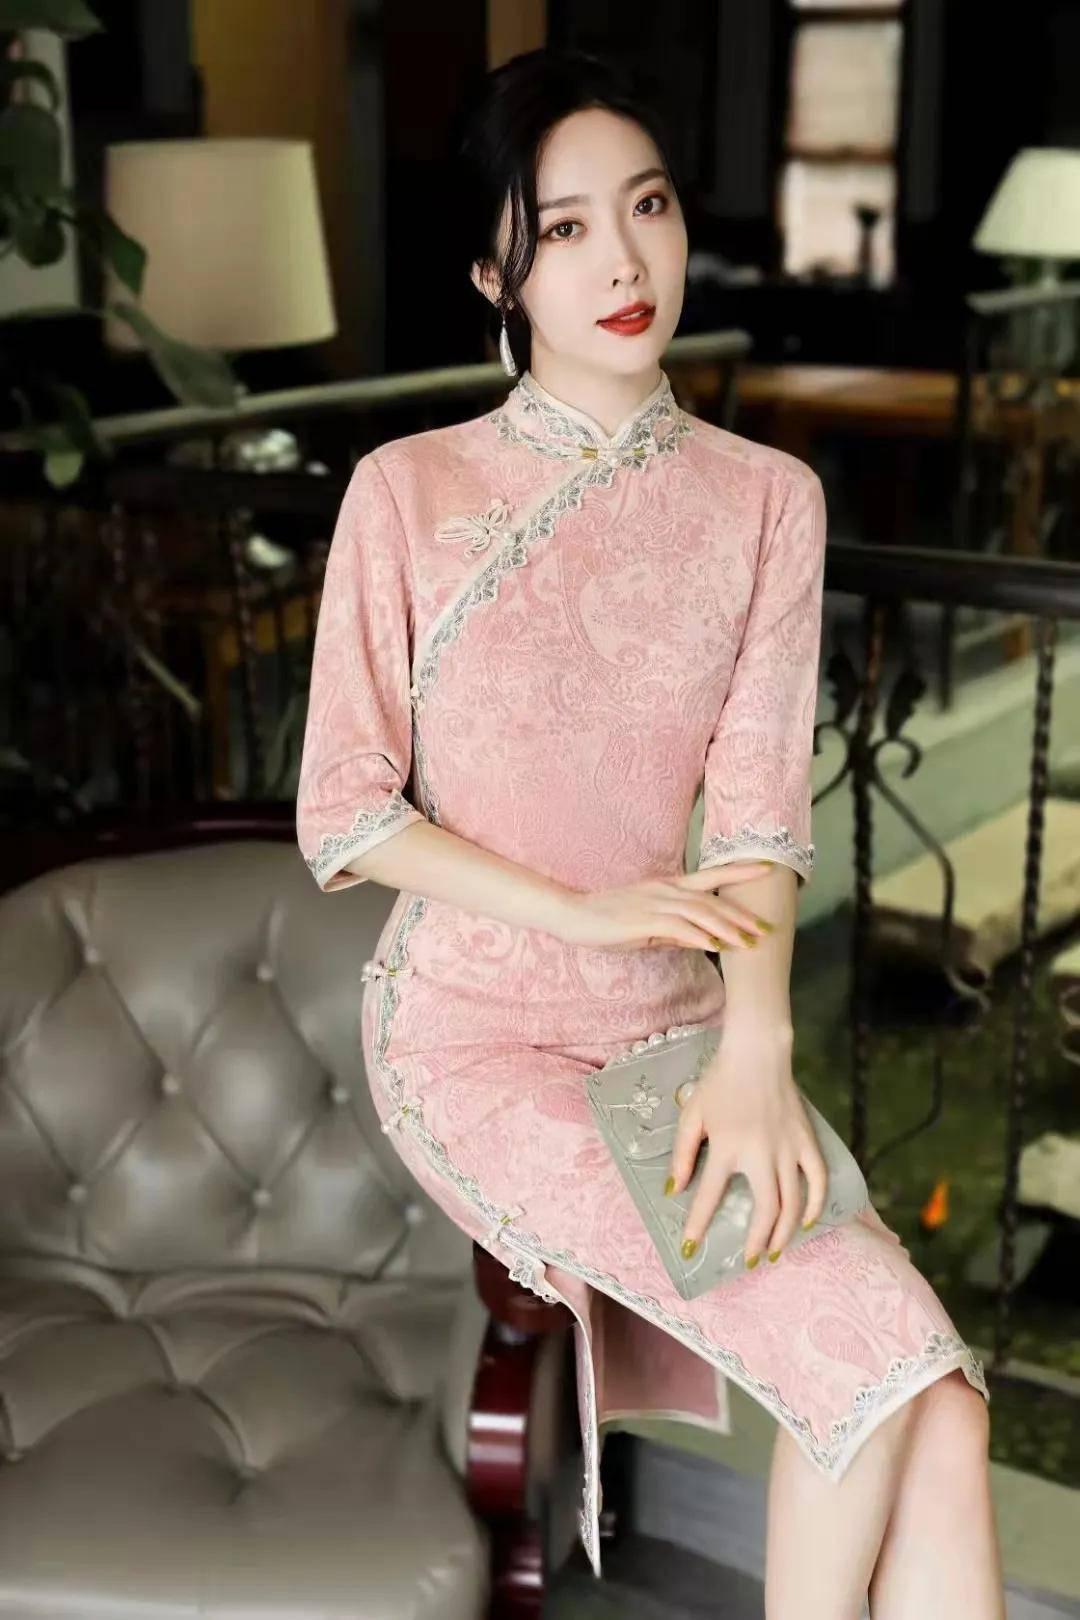 一袭粉色印花旗袍,会让你留下粉红色的回忆,浪漫整个秋季!